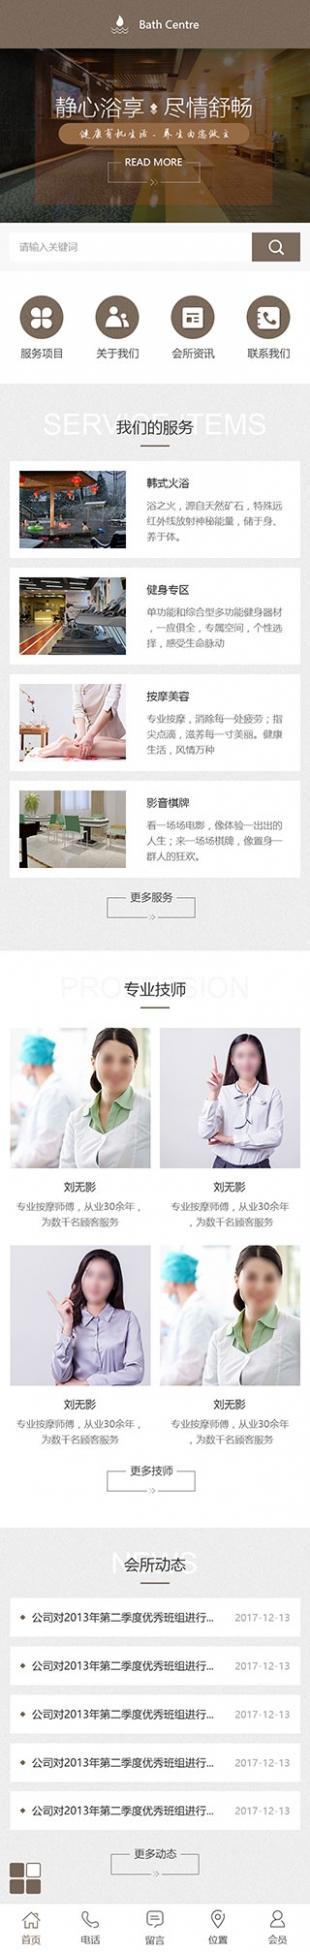 洗浴会所类网站通用模板手机图片